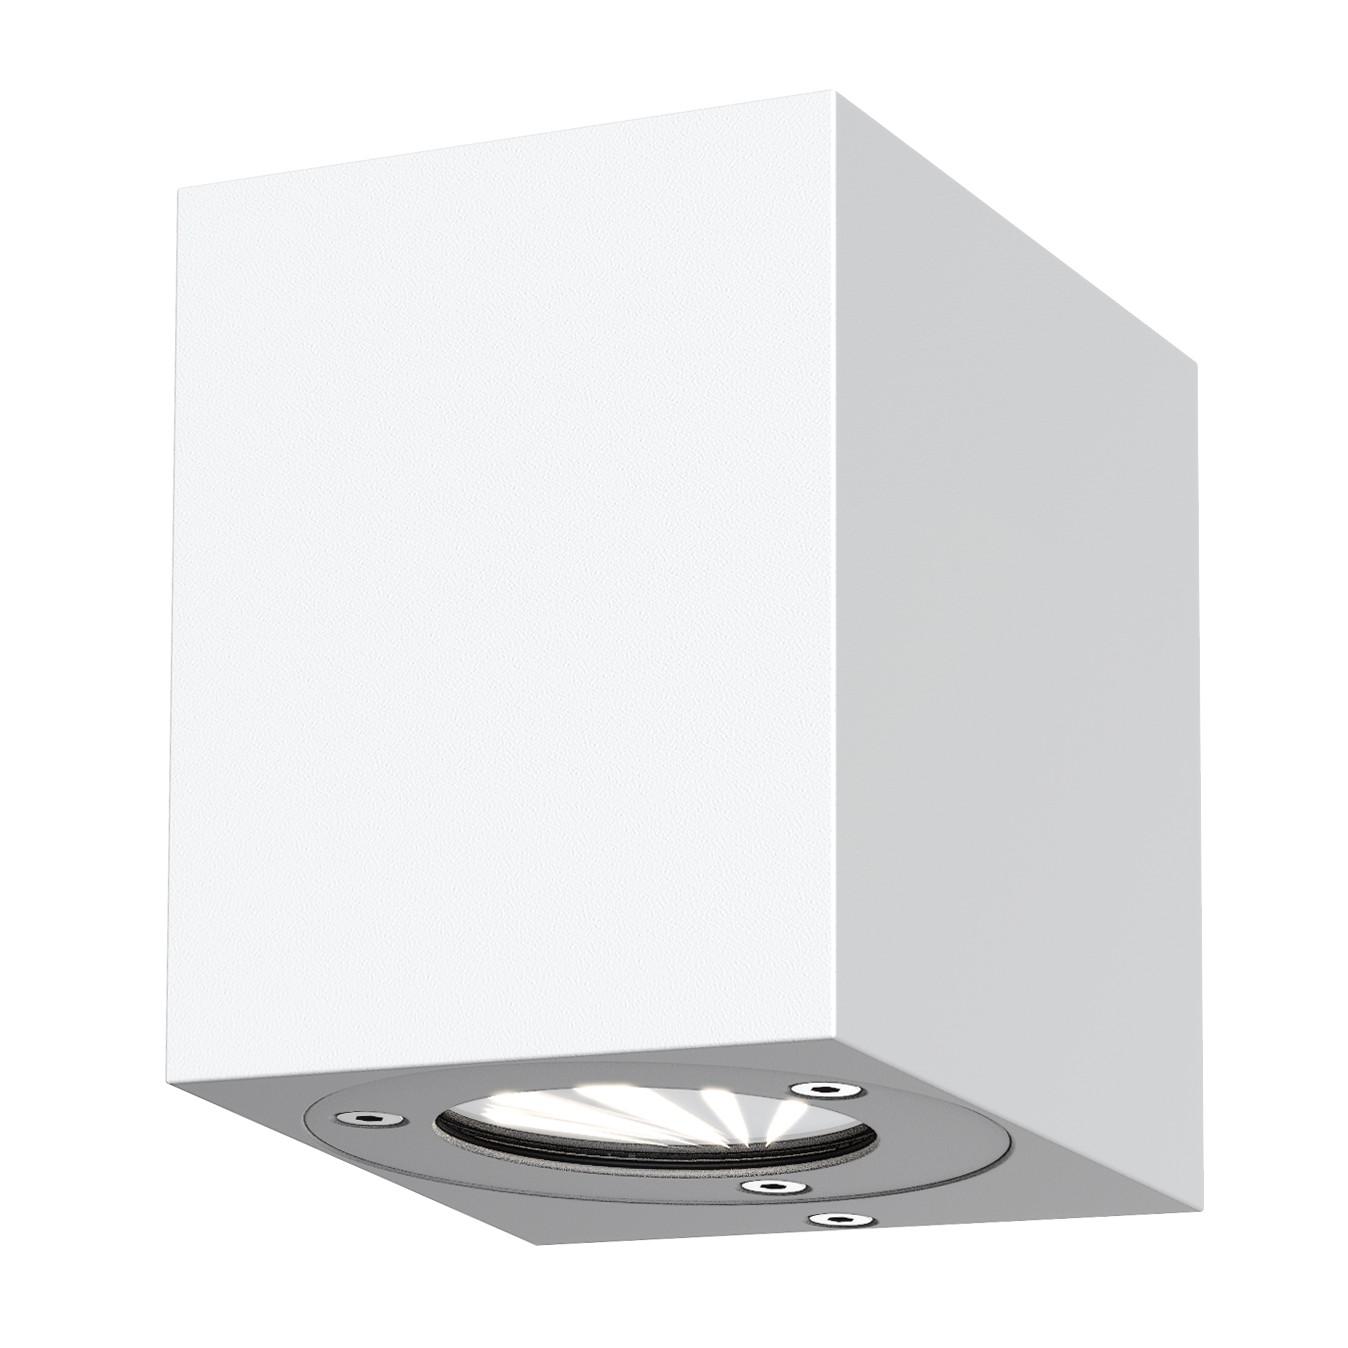 EEK A+, LED-Außenleuchte Kanto - Glas / Stahl - 2-flammig - Weiß, Nordlux